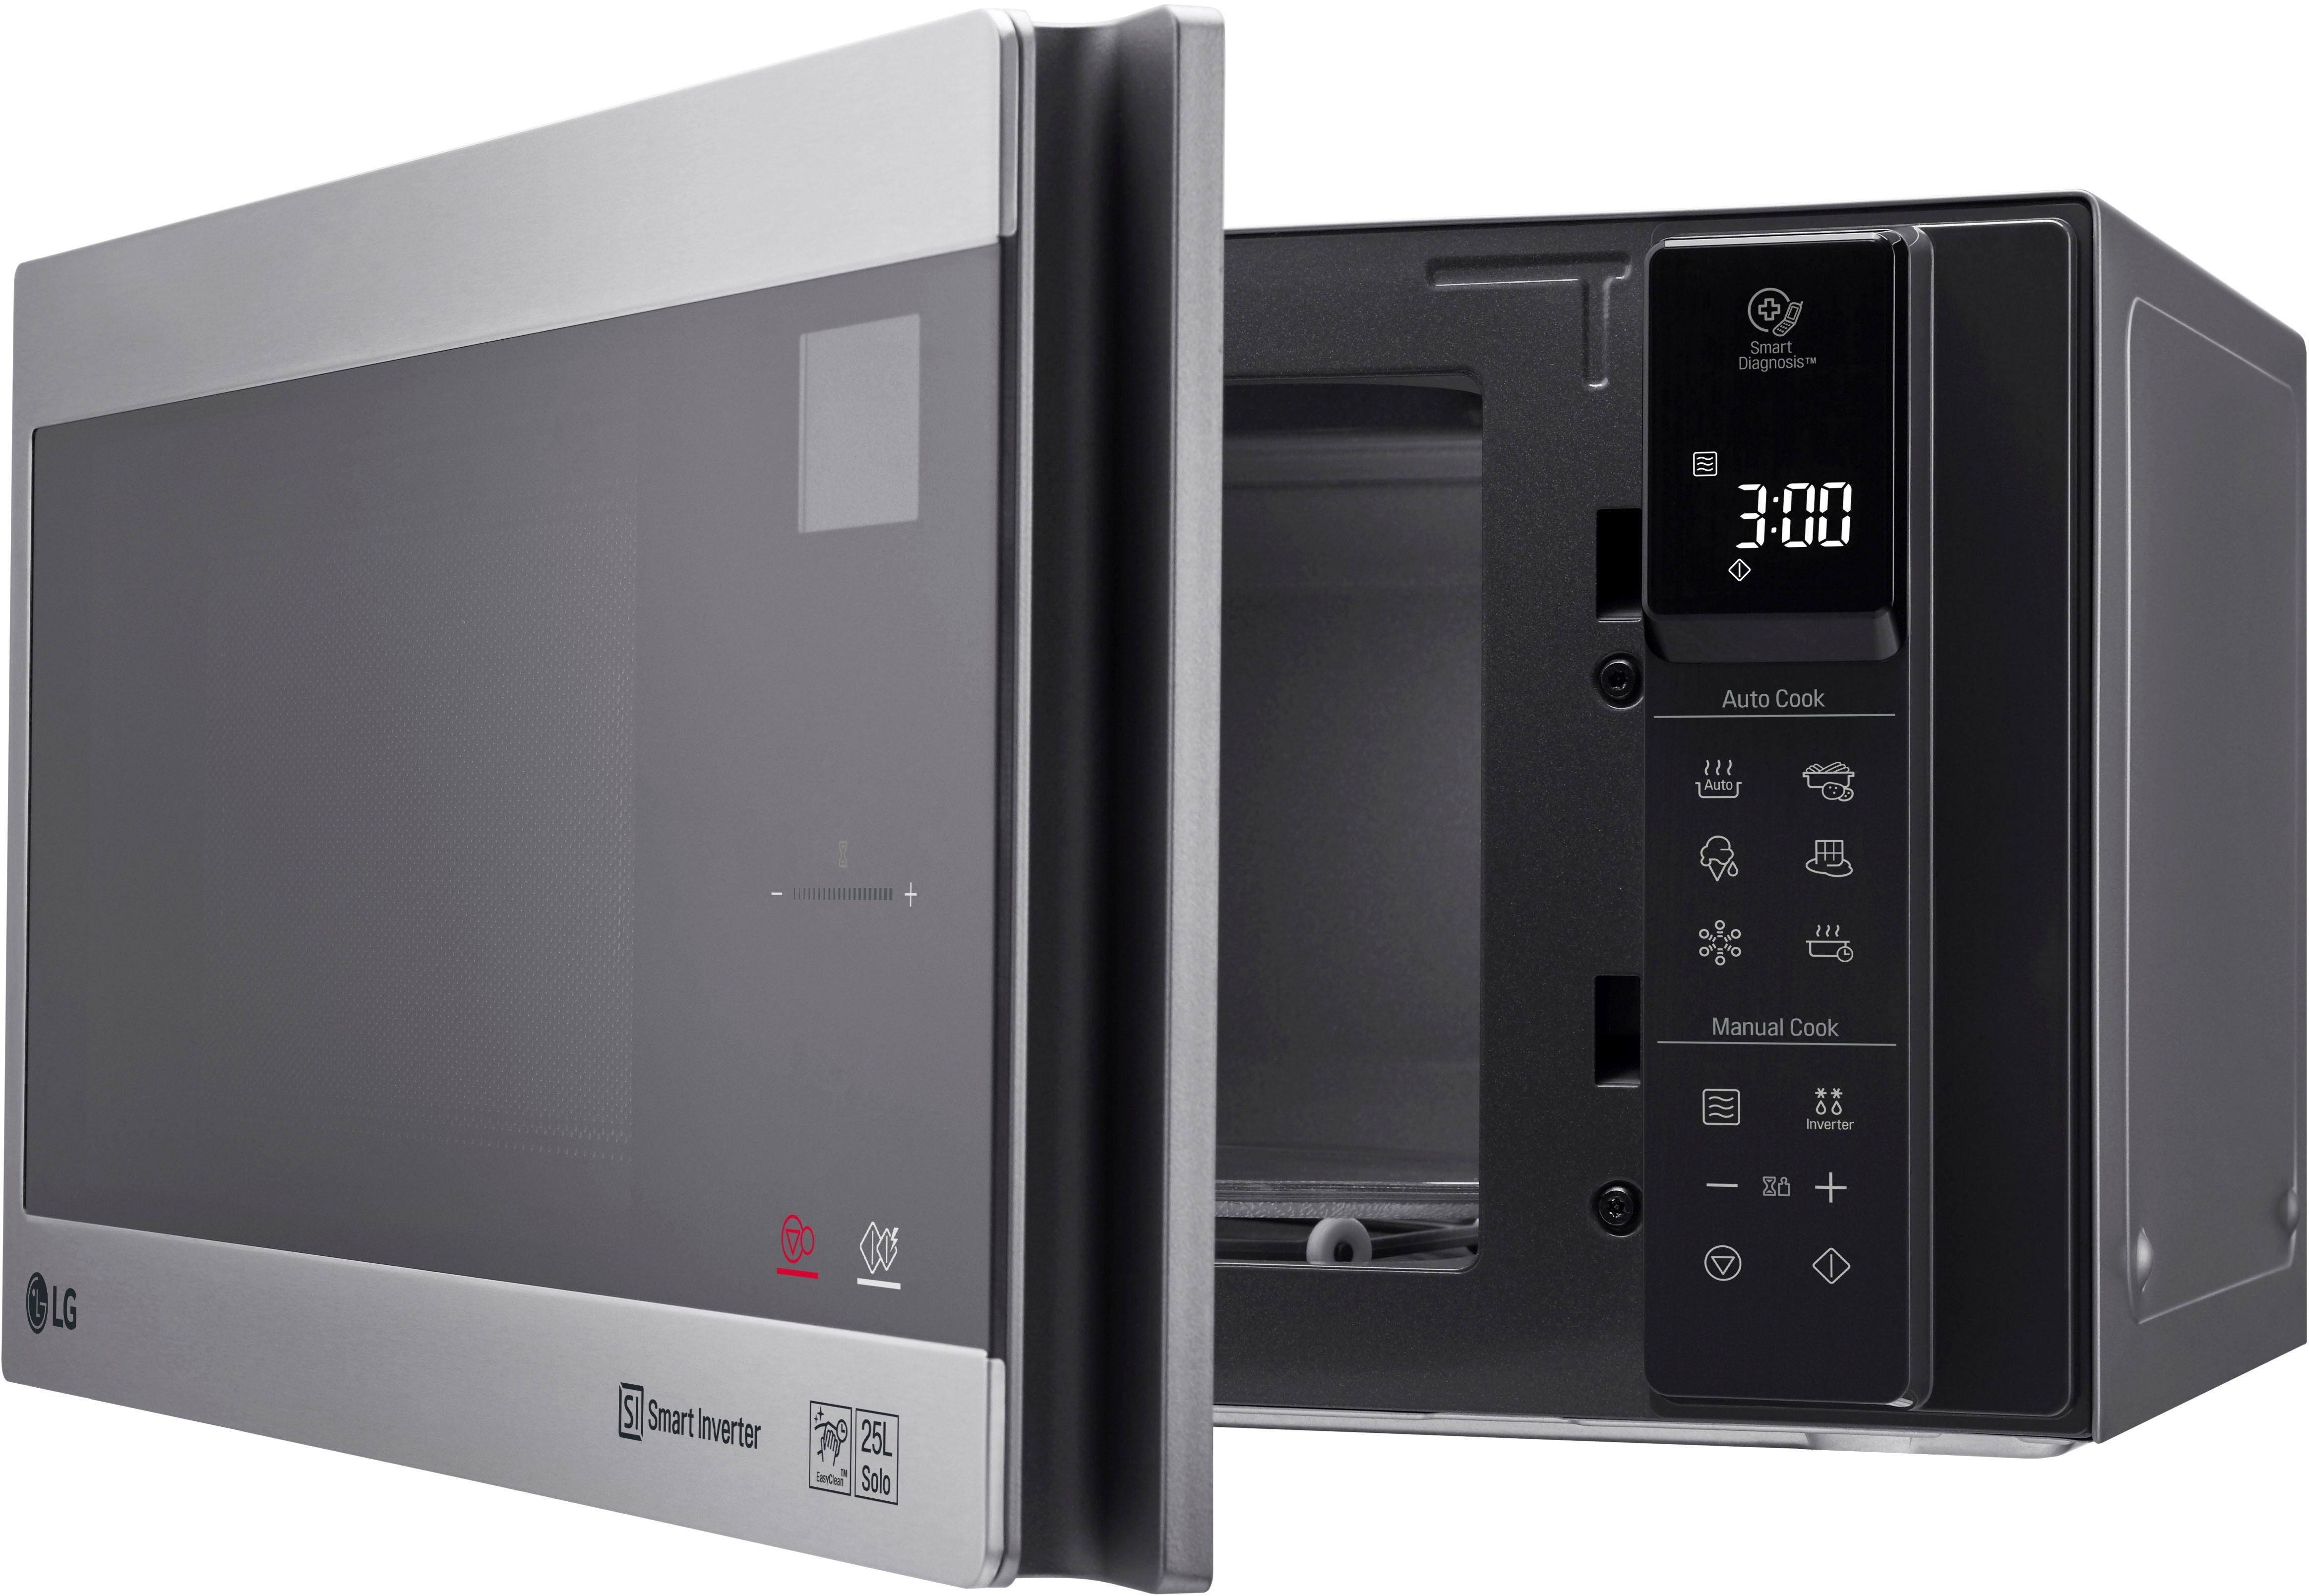 LG Mikrowelle MS 2595 CIS, 1000 W